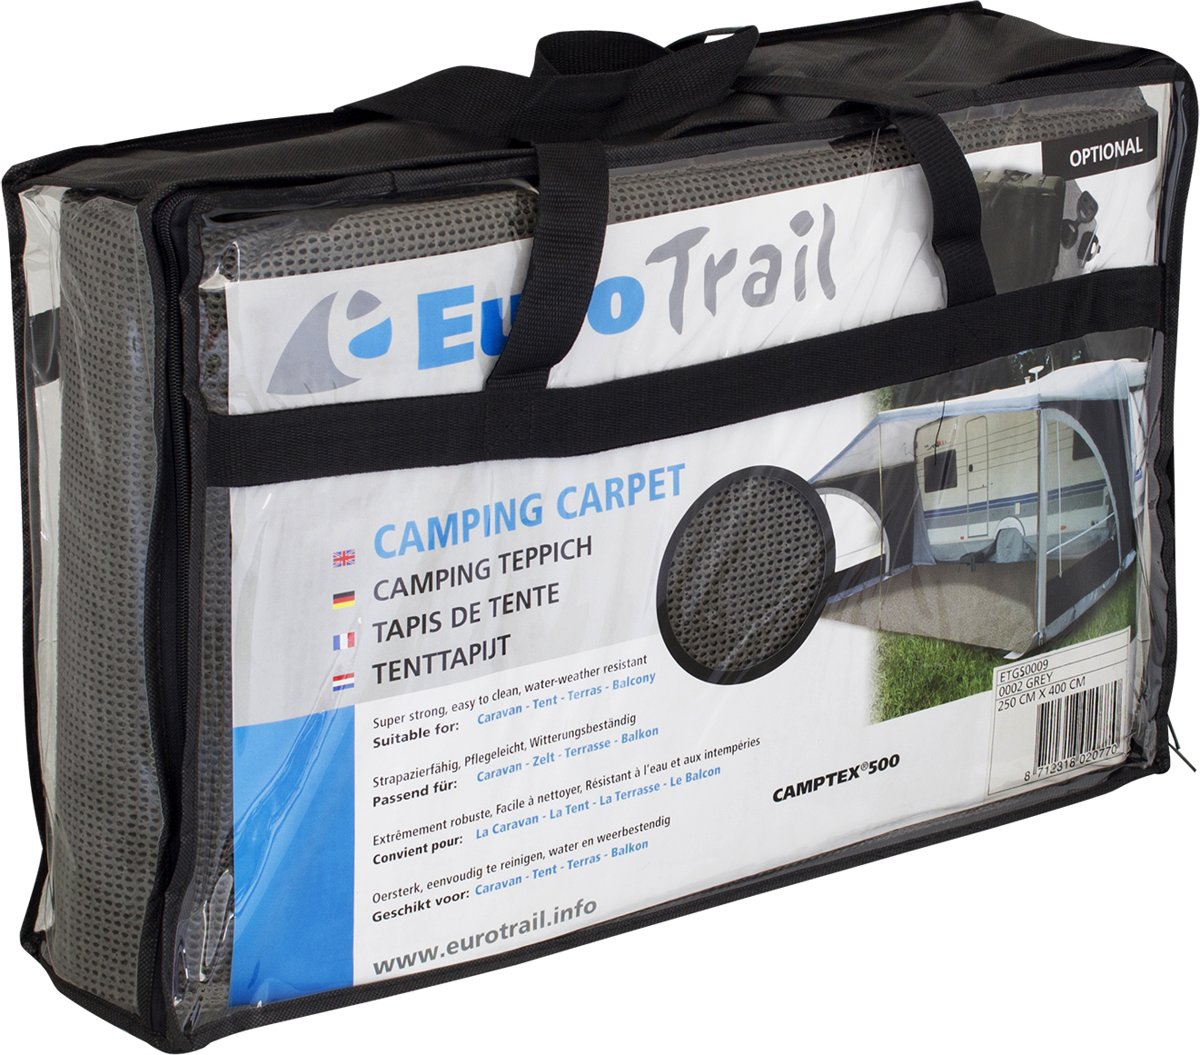 Eurotrail Camptex tenttapijt - 250*300cm - Antraciet kopen